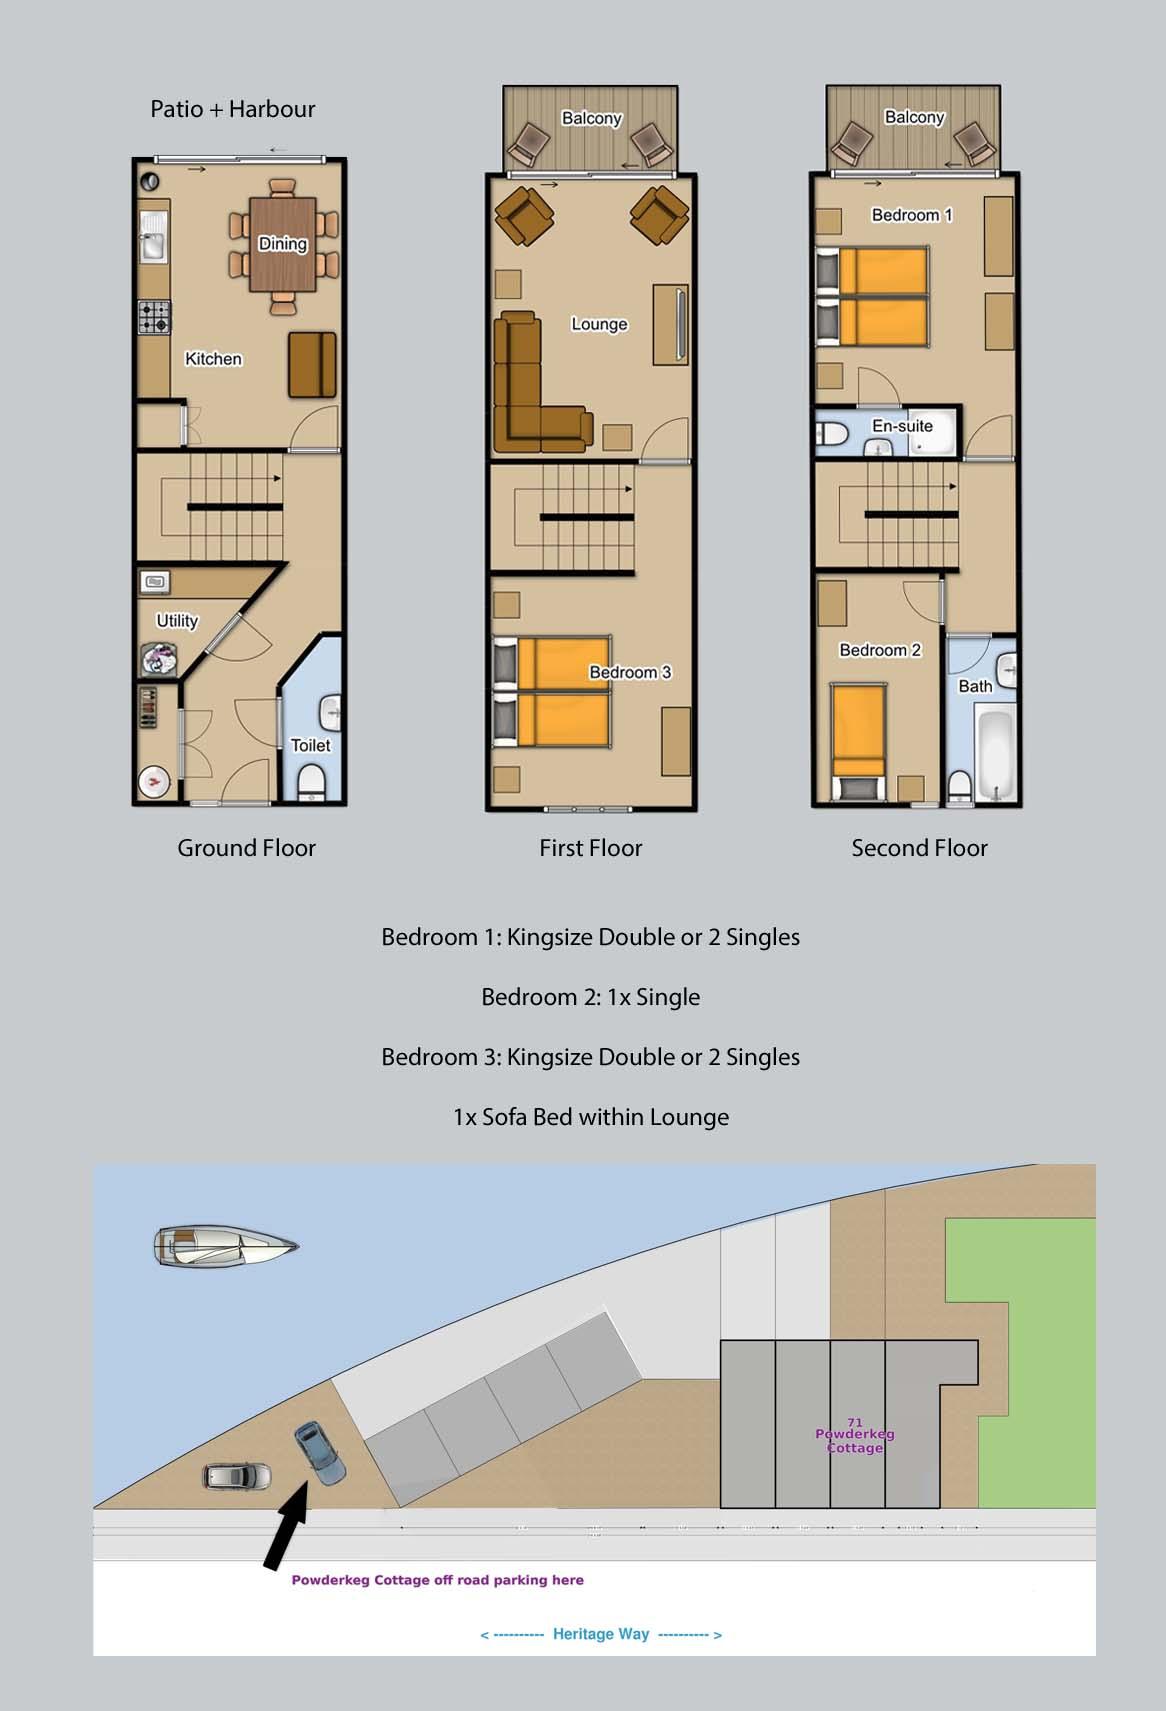 Floor plan for Powderkeg Cottage